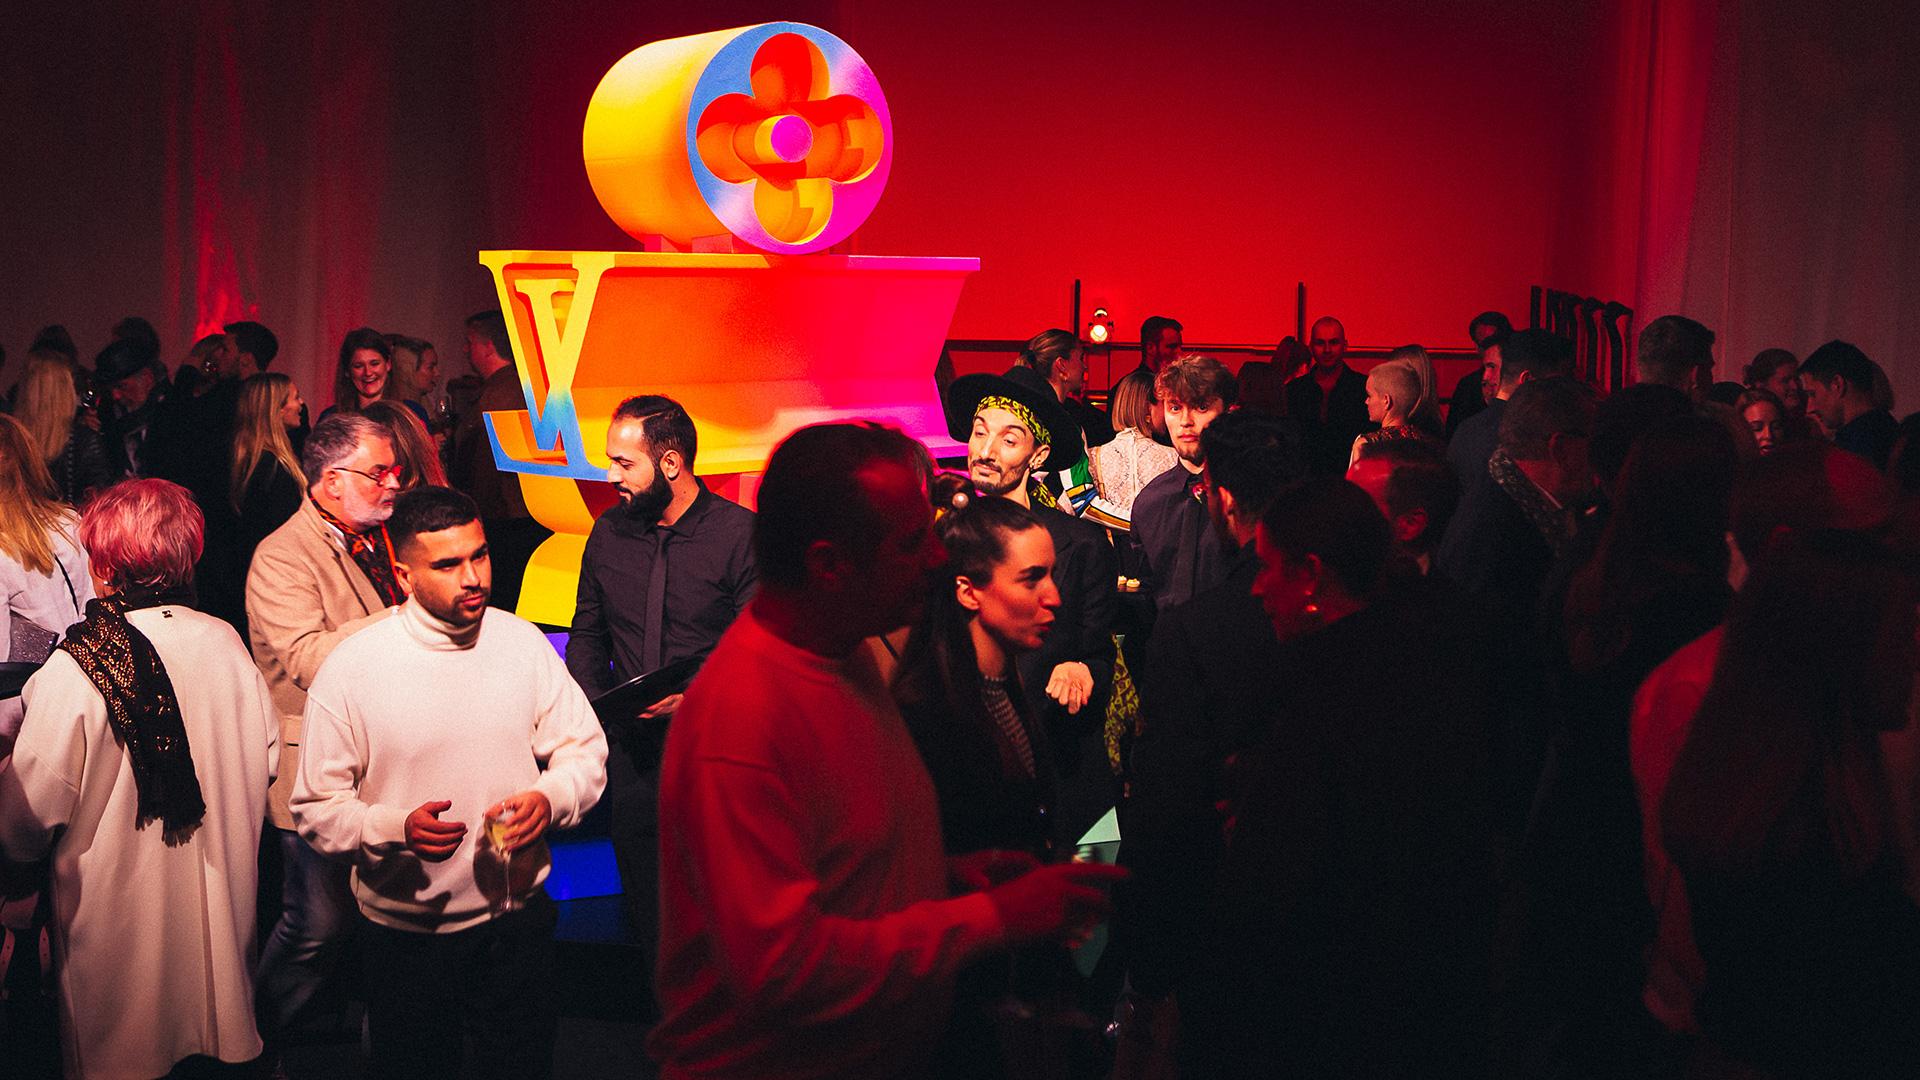 Louis-Vuitton-Opening-Party-KaDeWe